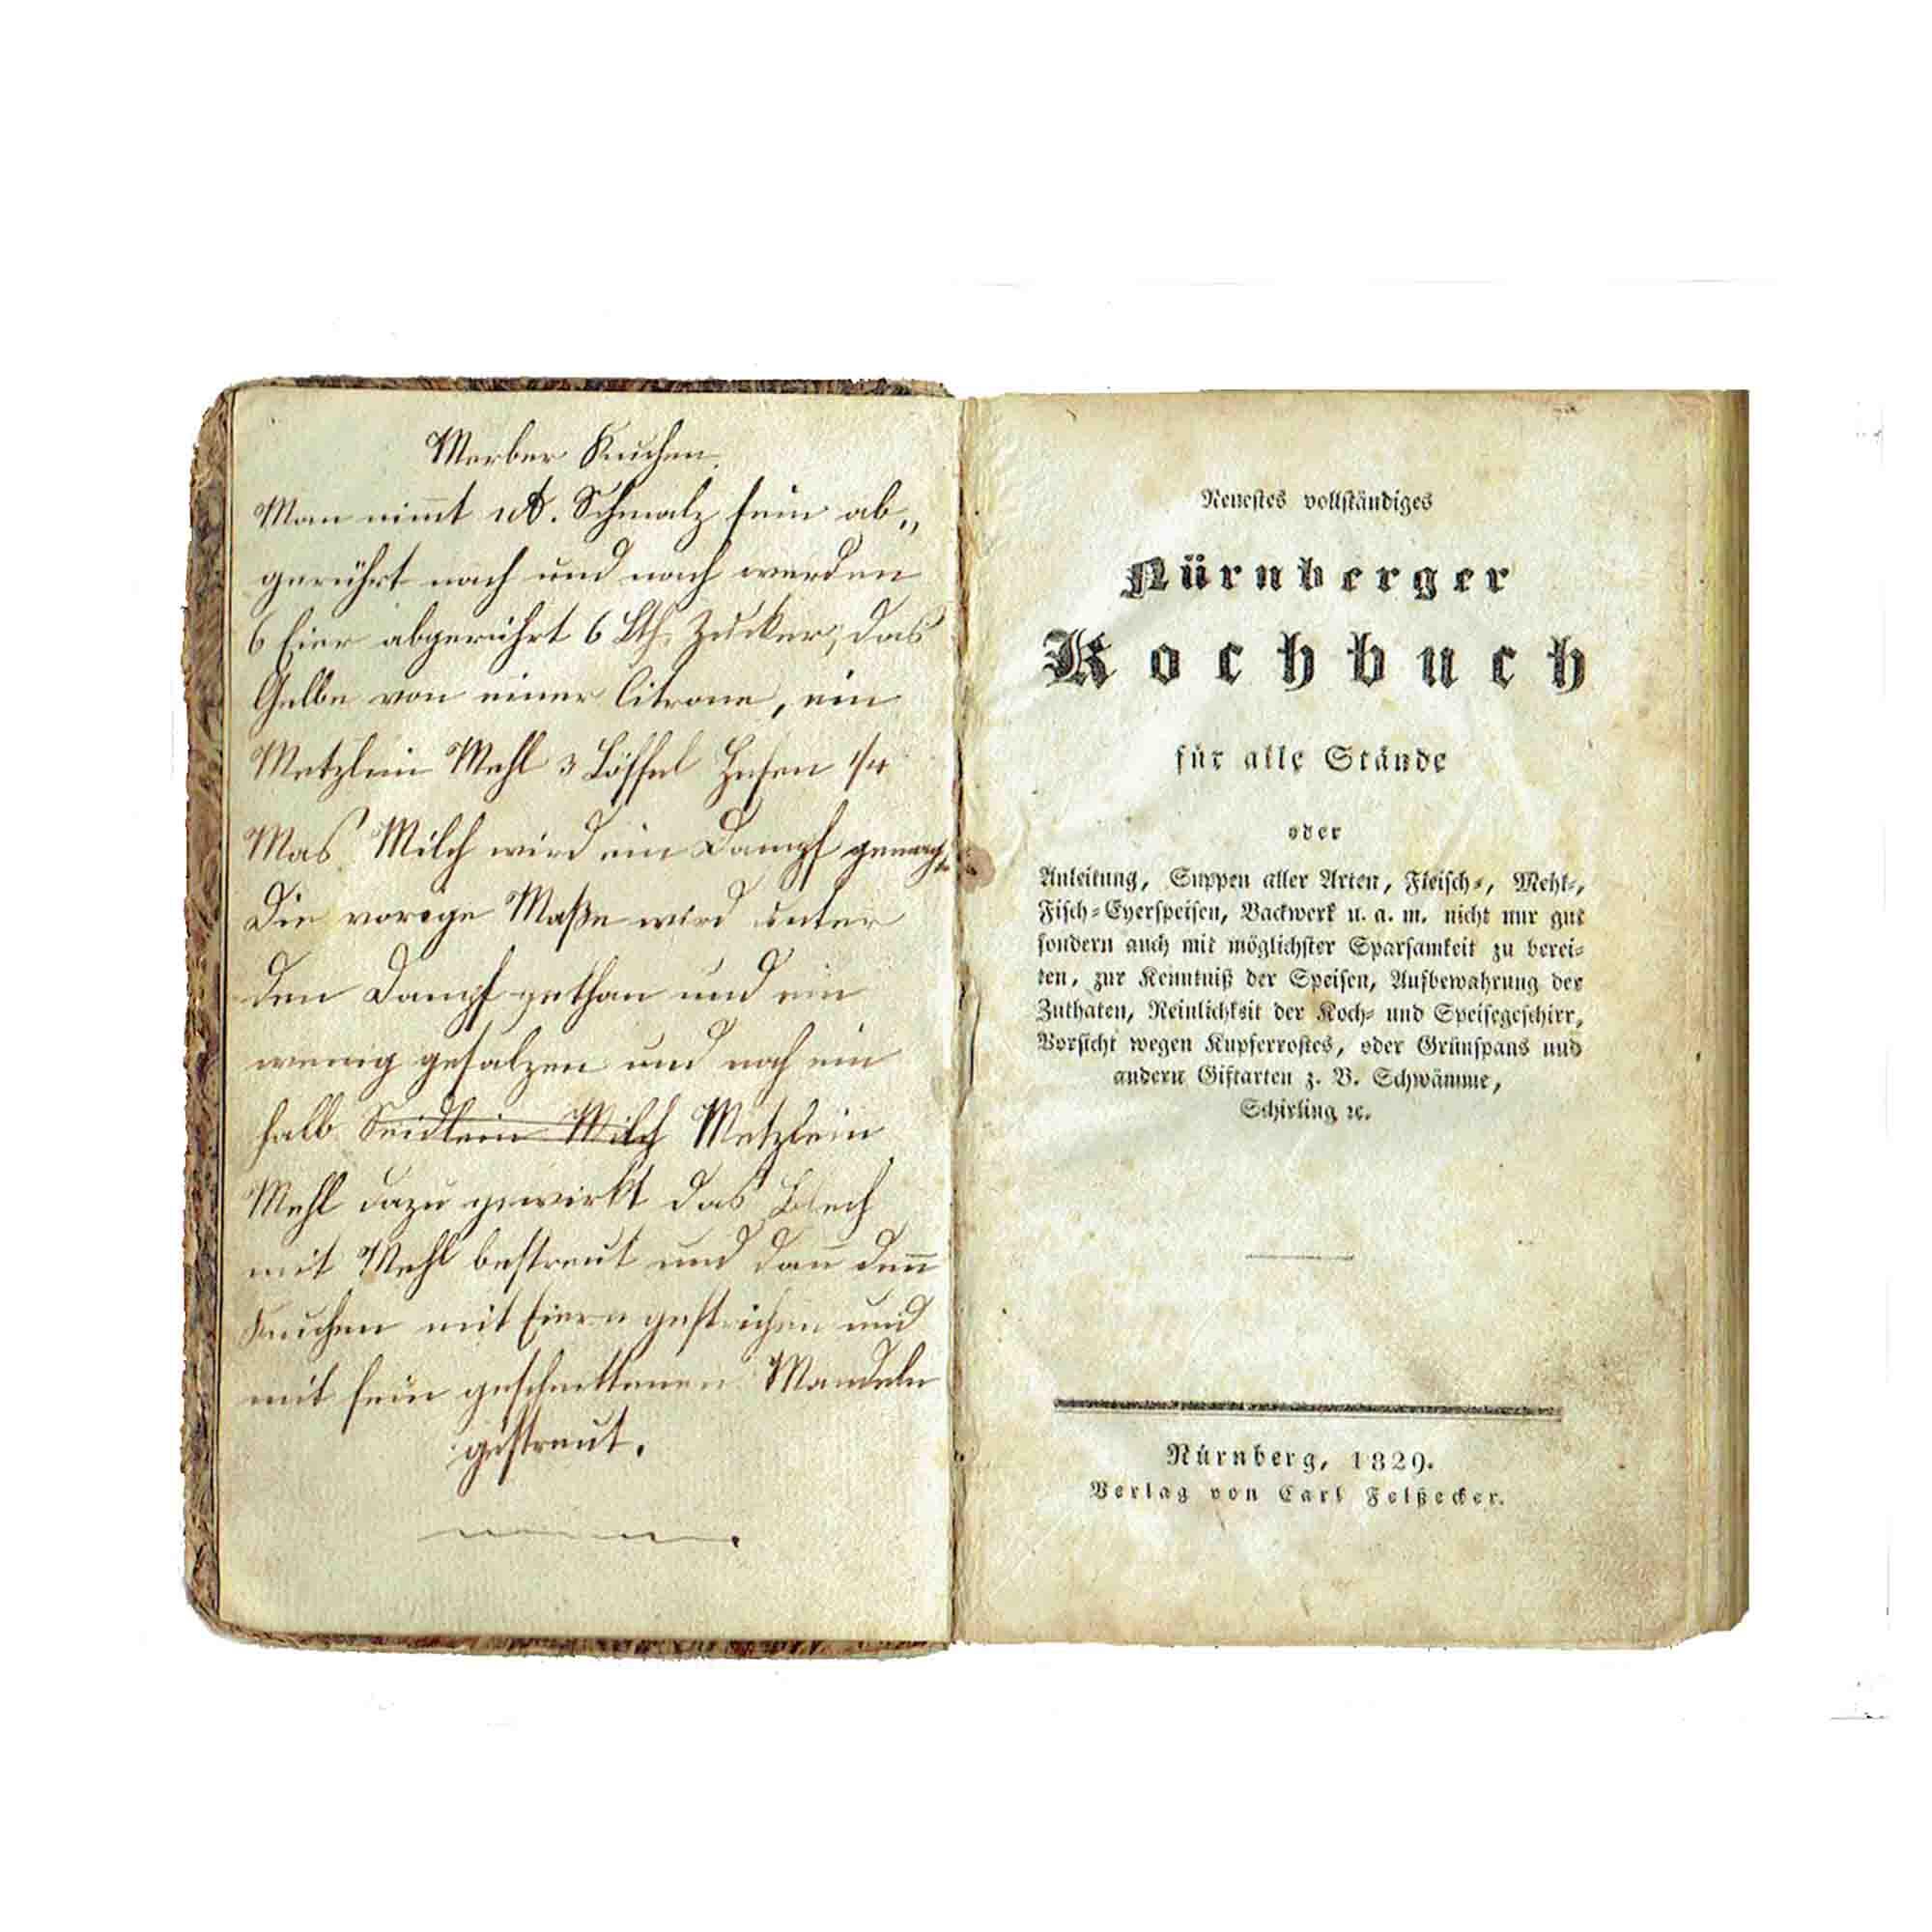 5424-Nürnberger-Kochbuch-1829-Titel-N.jpg